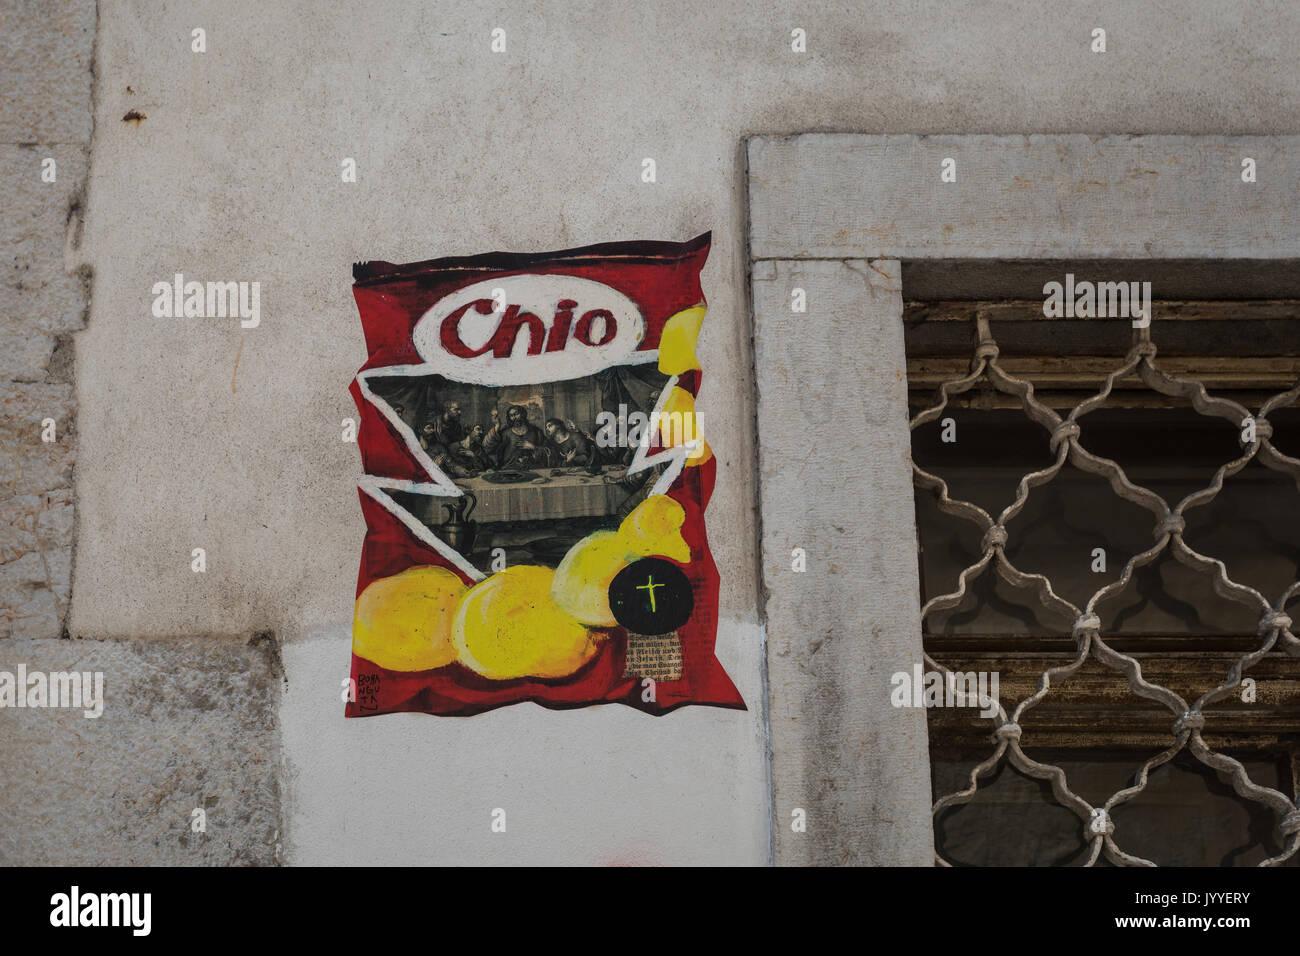 Chio Chips das Letzte Abendmahl Graffiti, Street Art in Ljubljana, Slowenien. Ungesunde Lebensmittel Konzept Stockbild